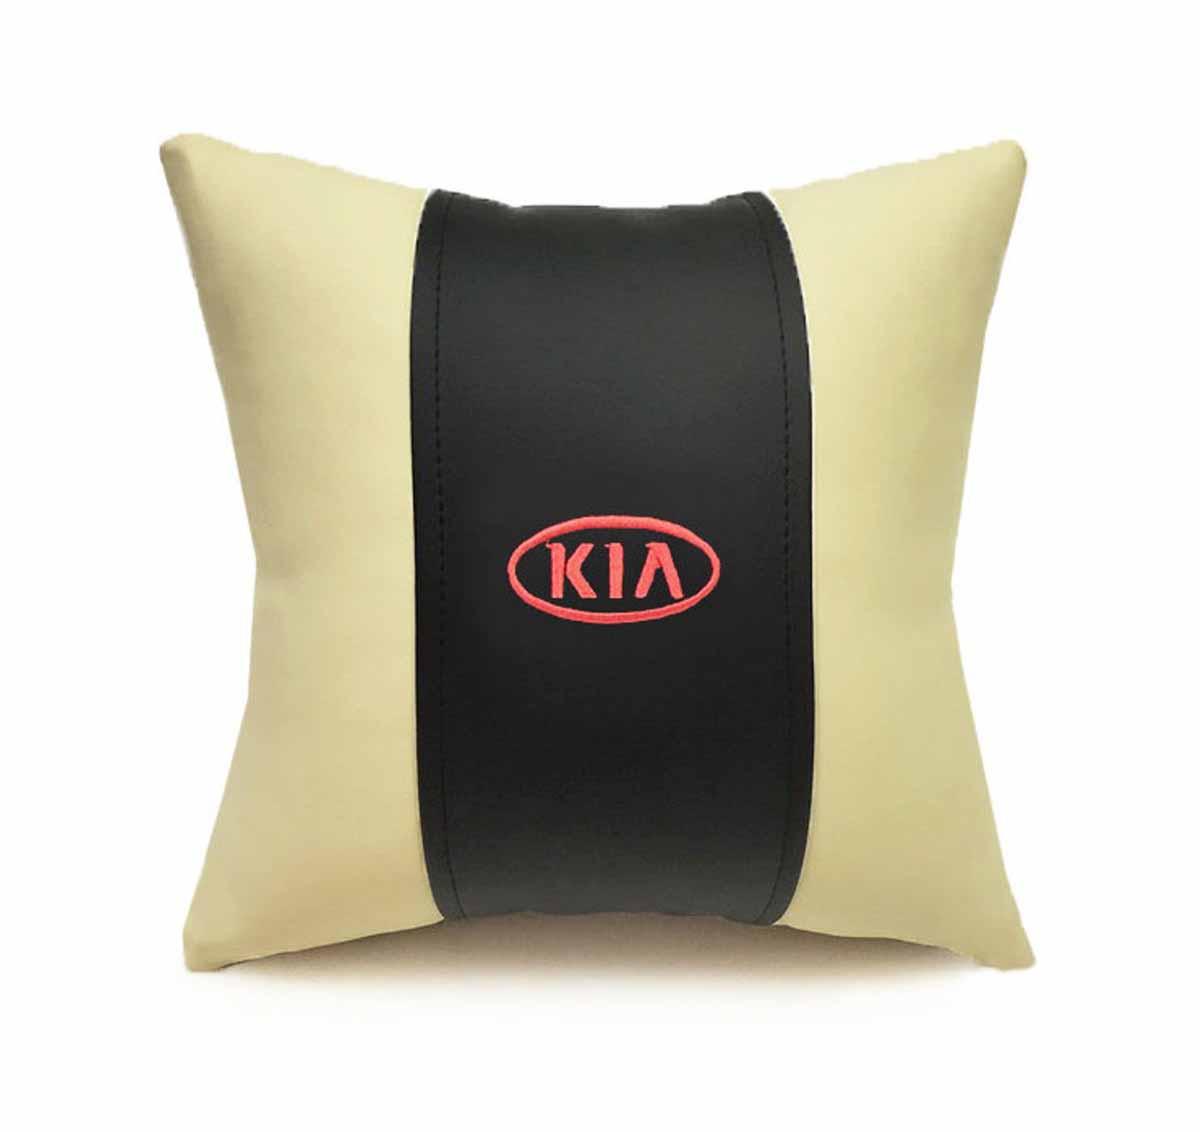 Подушка декоративная Auto premium KIA, цвет: черно-бежевый. 3705437054Подушка в машину с вышивкой автологотипа - отличное дополнение для салона Вашего авто. Мягкая подушка изготовлена из матовой экокожи будет удобна пассажиру. К тому же не перестанет радовать Вас своим видом. Оптимальный размер подушки (30х30) не загромождает салон автомобиля.